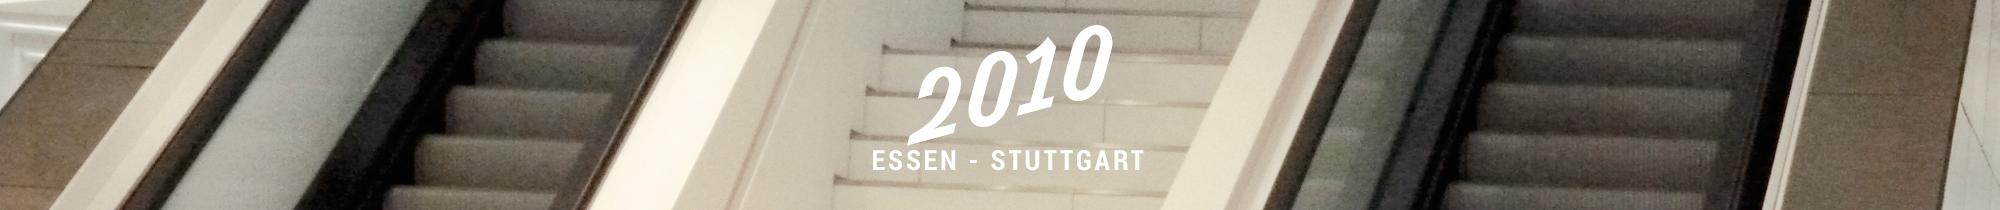 2010-eesen-slidi-01